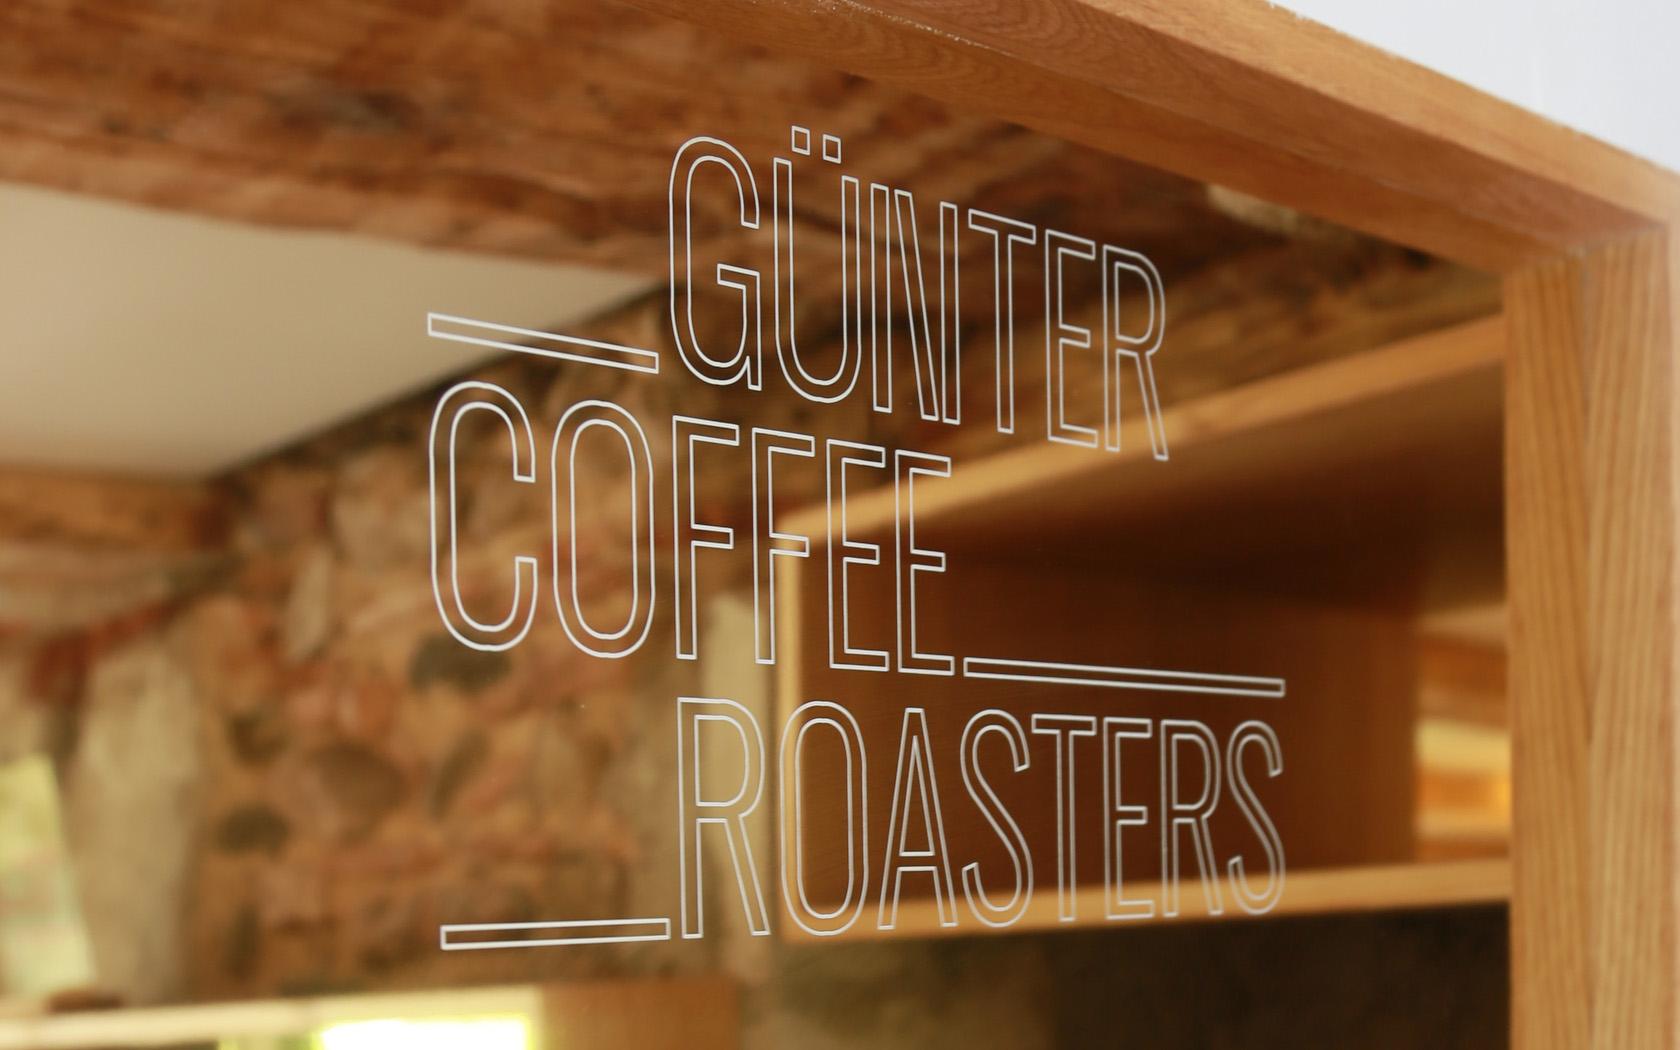 just coffee, günter coffee roaster, kaffee Rösterei Deutschland, Freiburg, Innengestaltung Kaffee Bar, Interiosdesign coffee shop, roaster, hipster coffee, aludibond gold, keinStil.GmbH